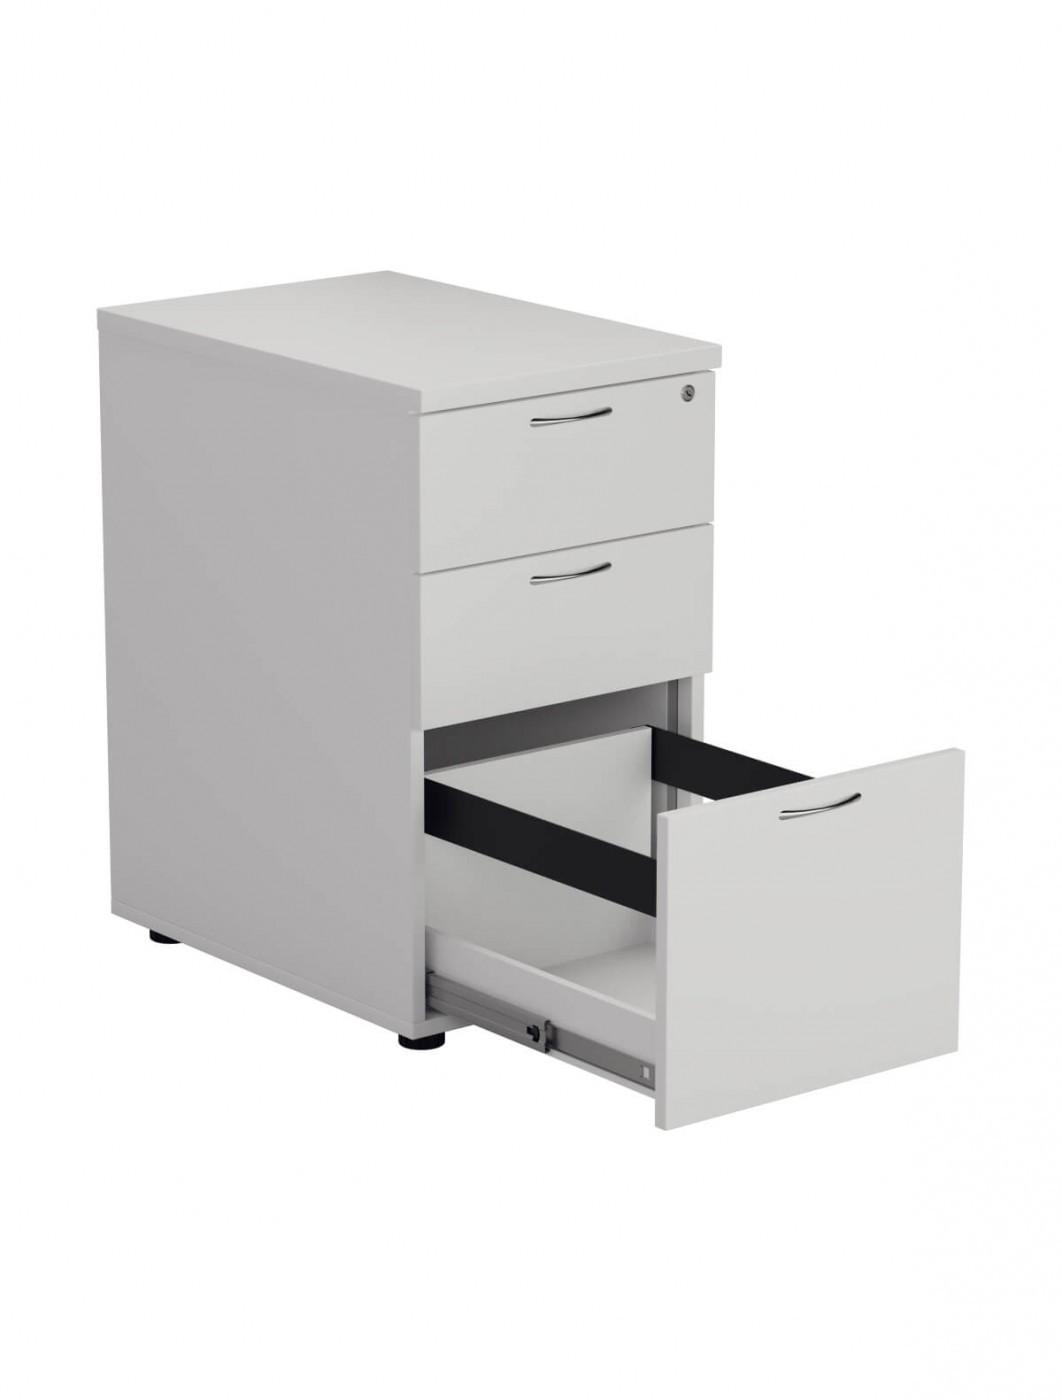 White - Essentials Desk High Pedestal 3 Draw